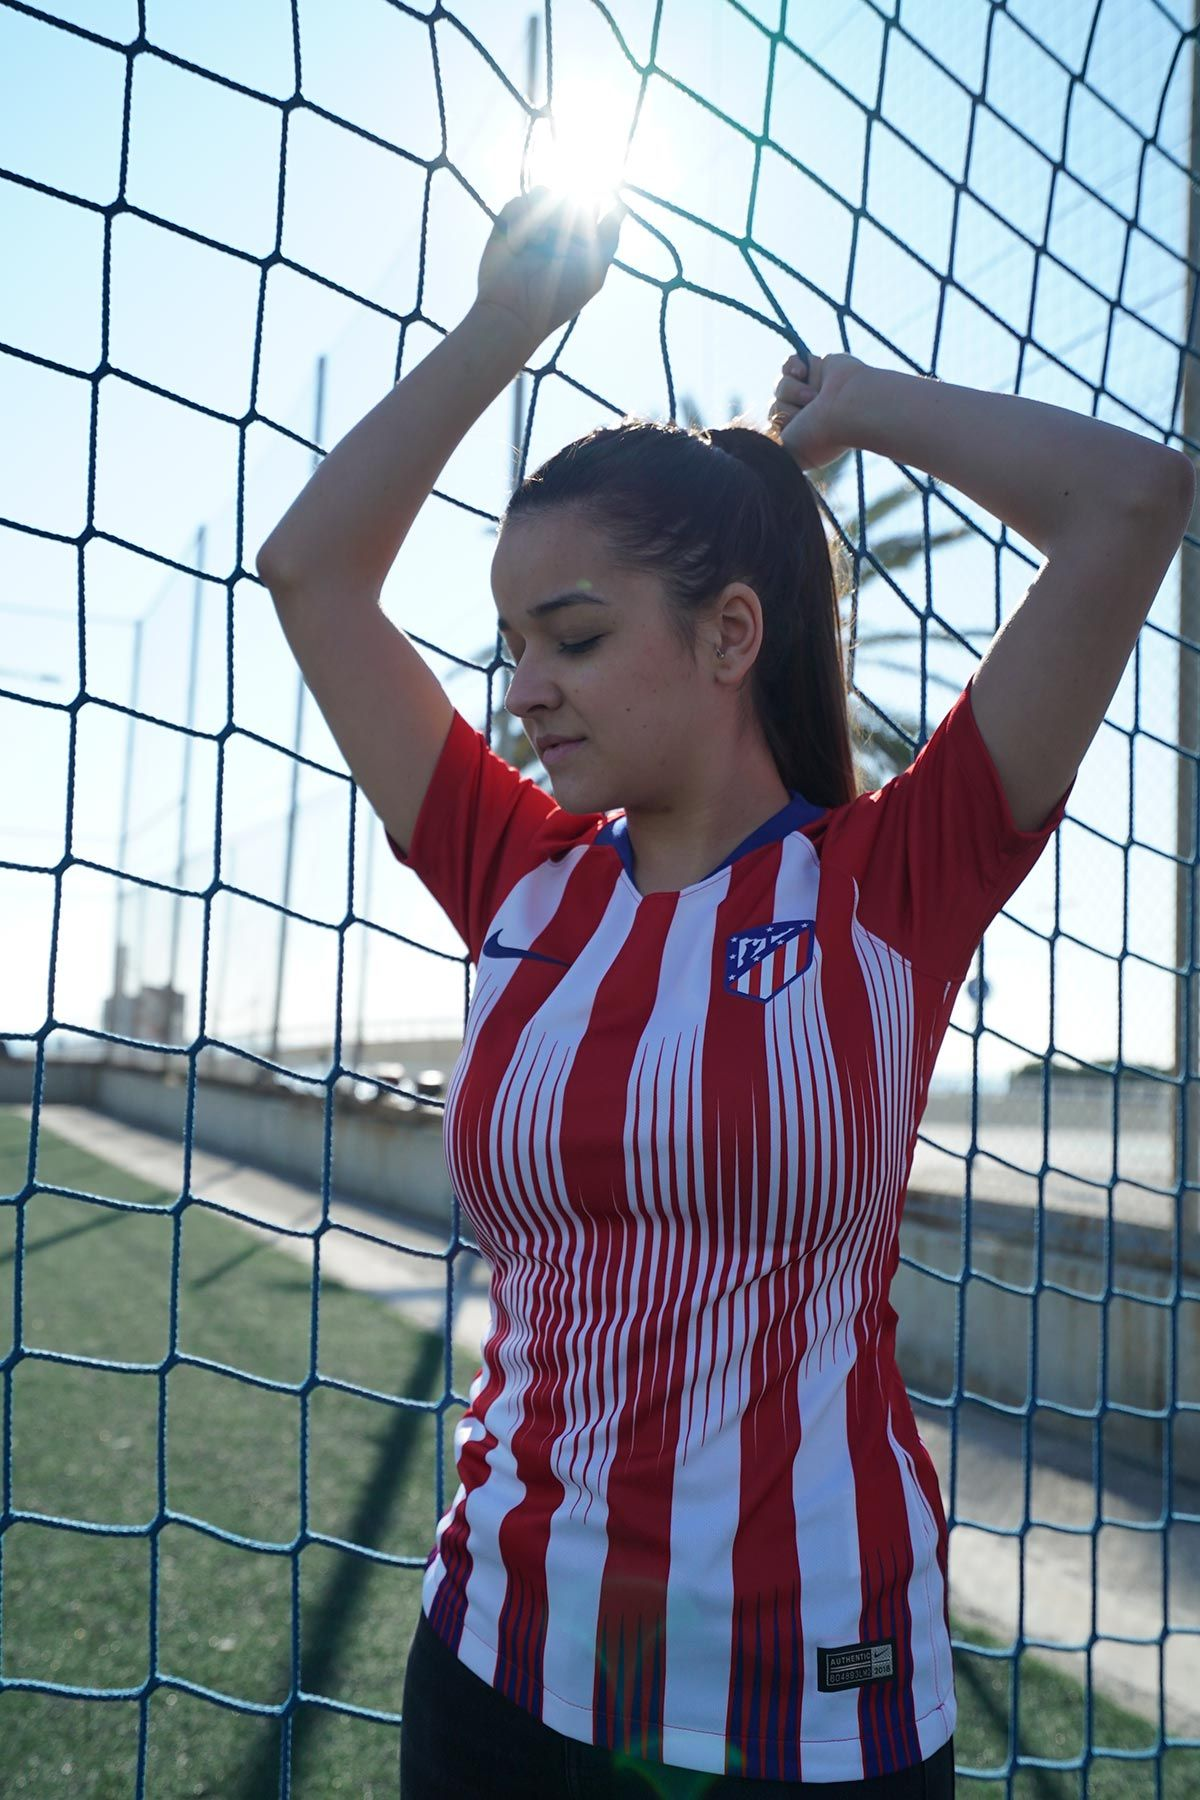 5d0675fa412bd Camiseta mujer primera equipación Atlético Madrid 2018 - 2019 - roja    blanca Foto   donforofo (instagram) para  futbolmania